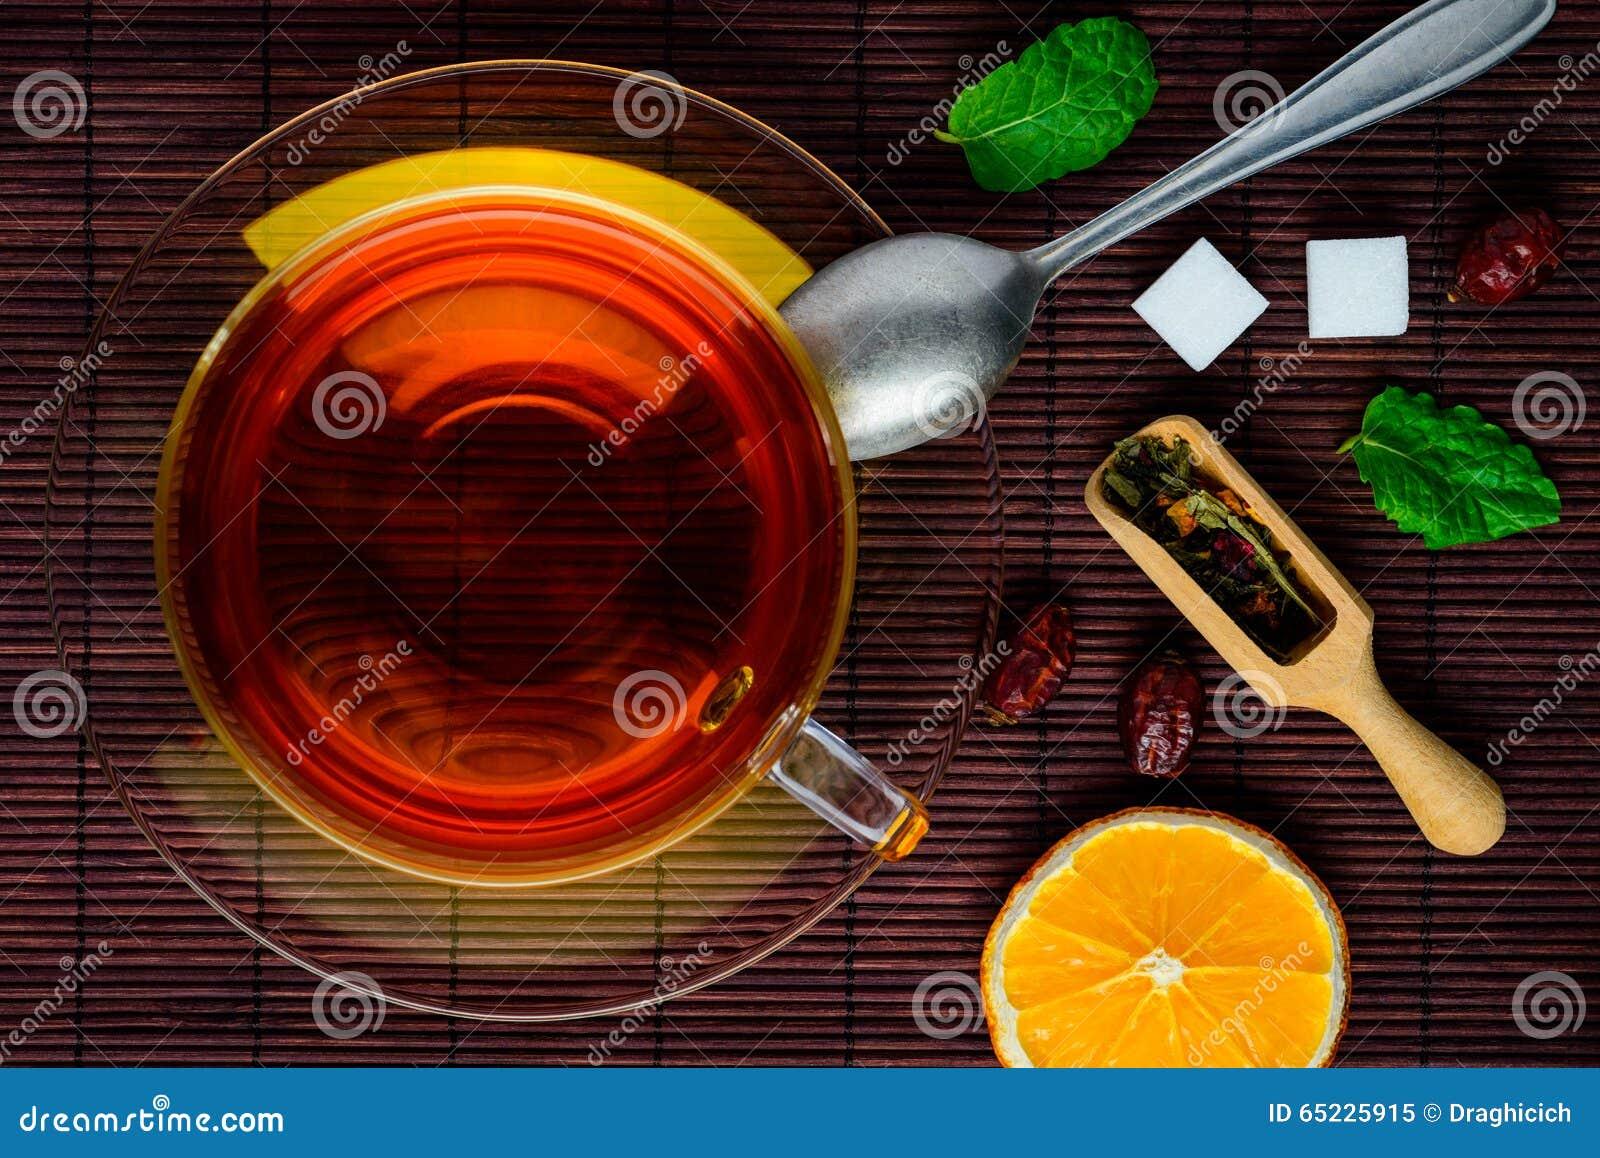 Chá preto e frutos secados